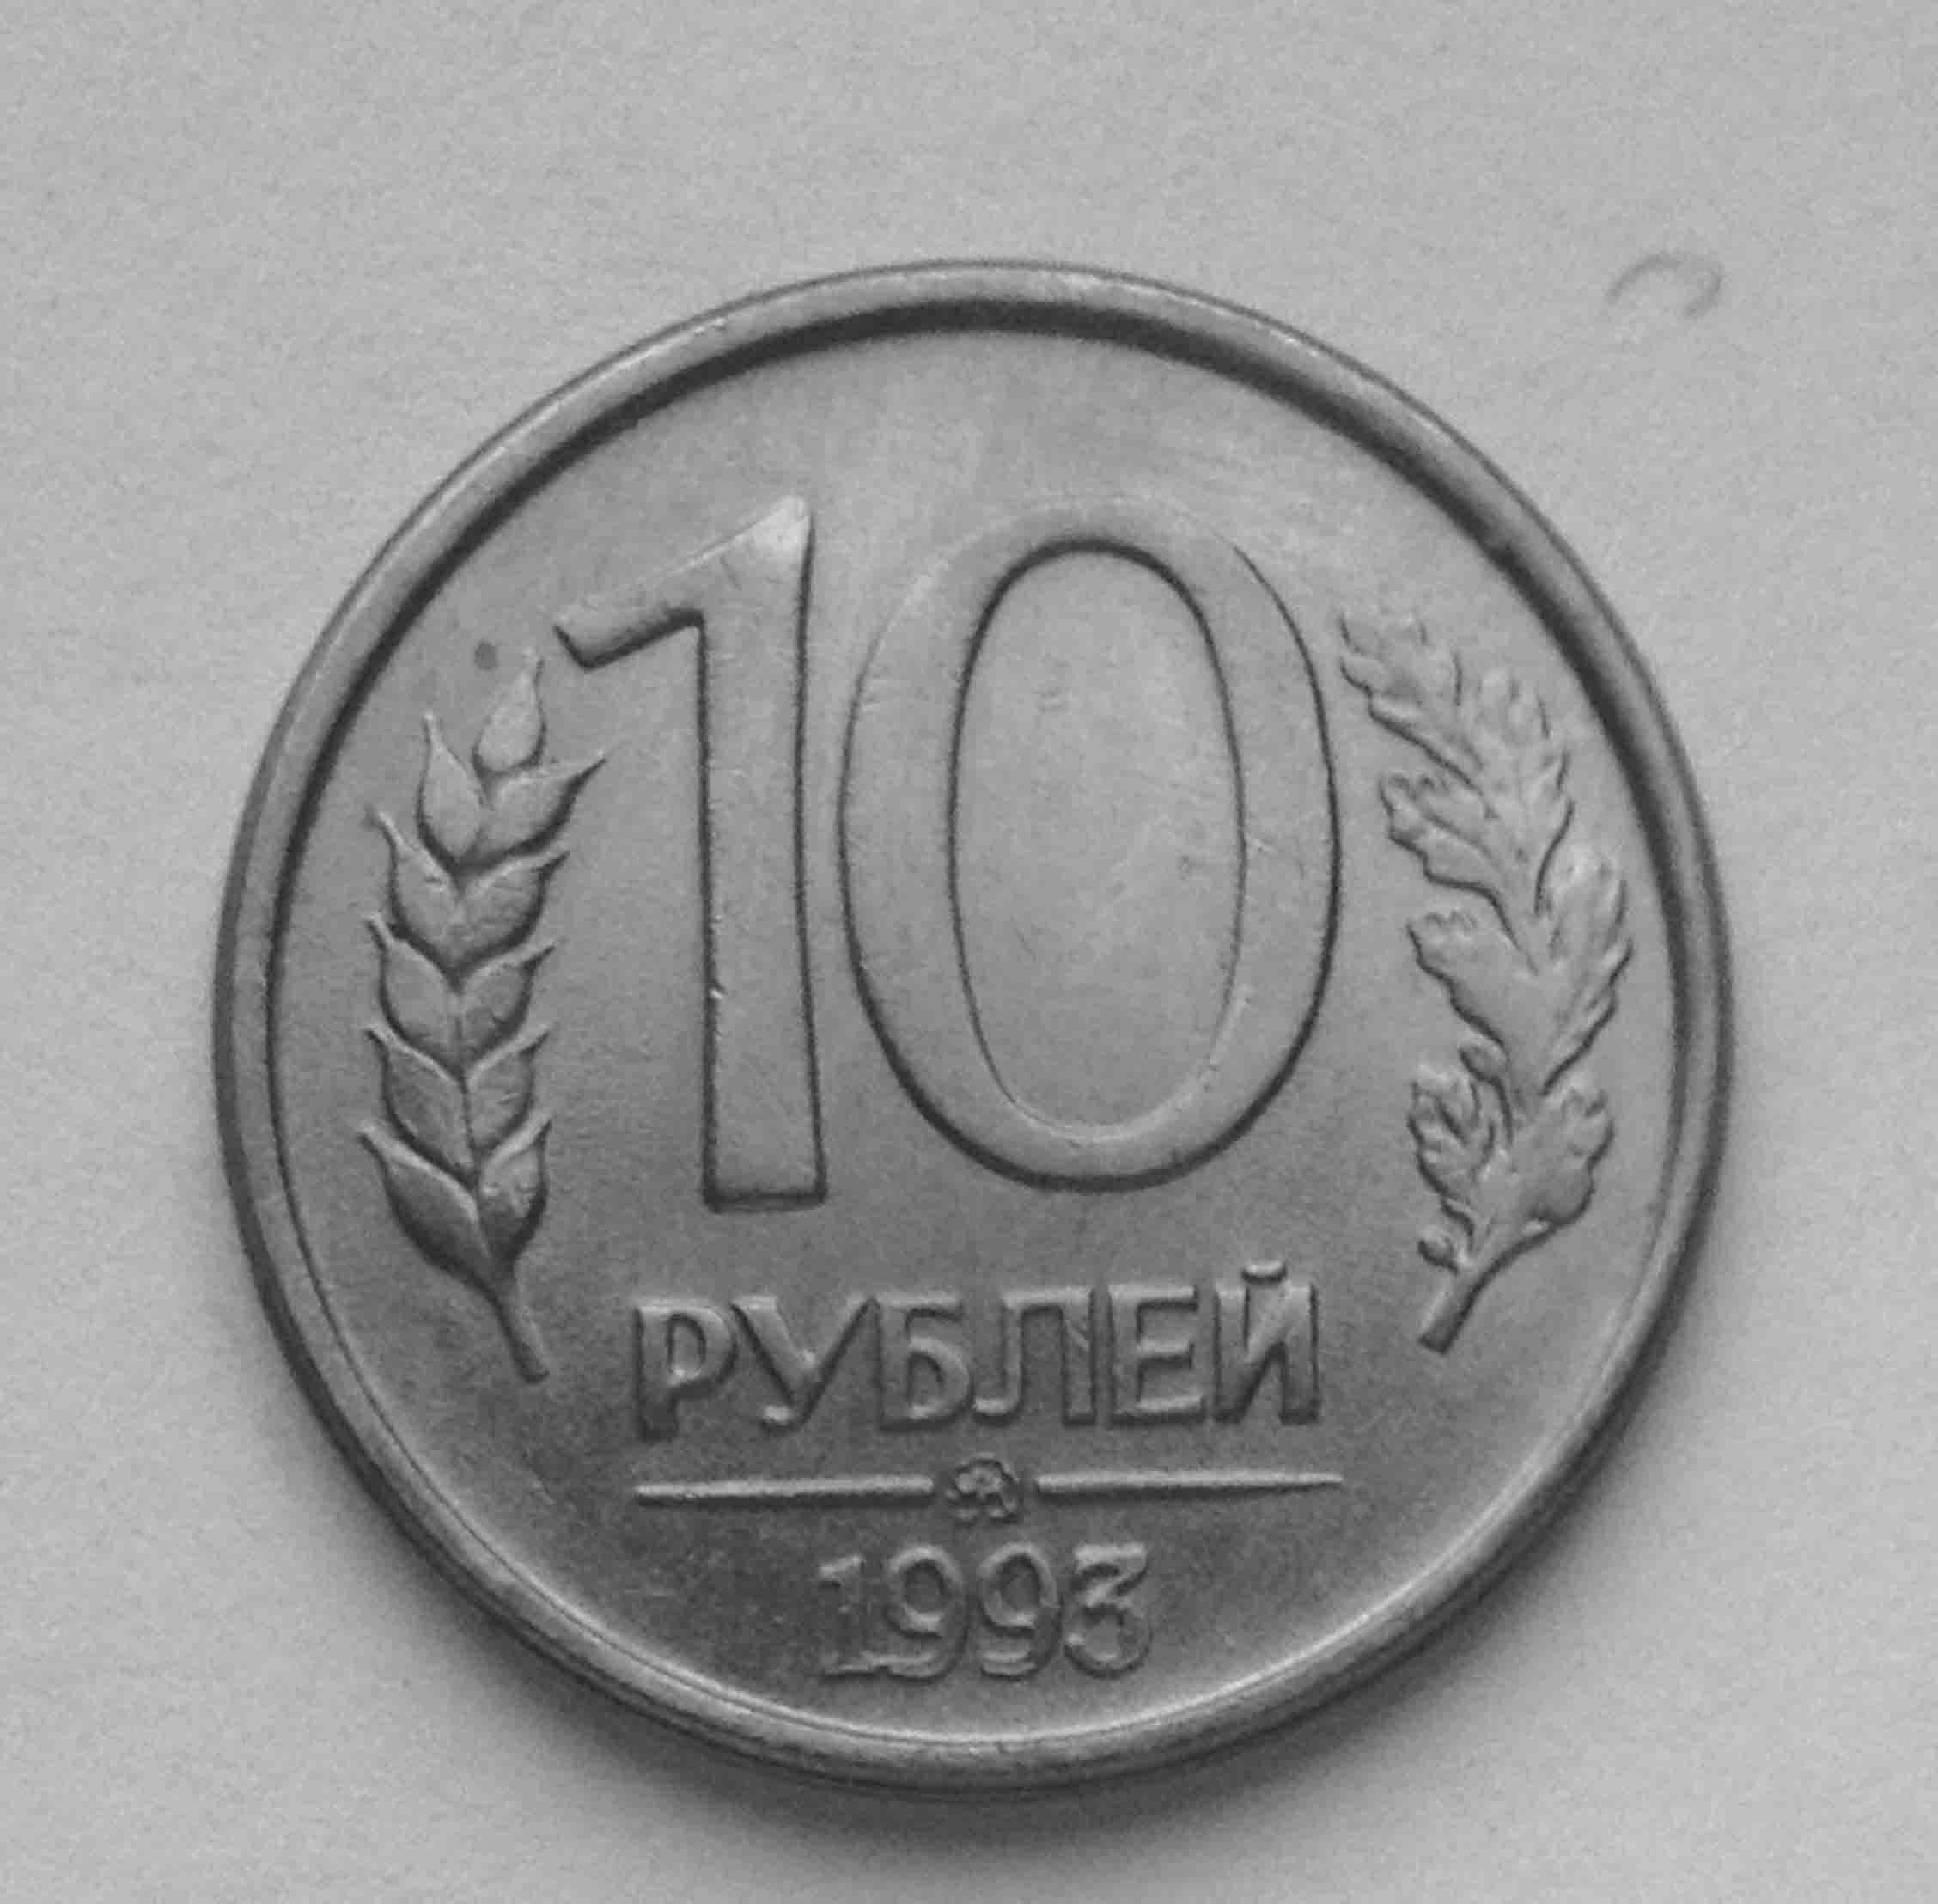 10 рублей 1993 г.